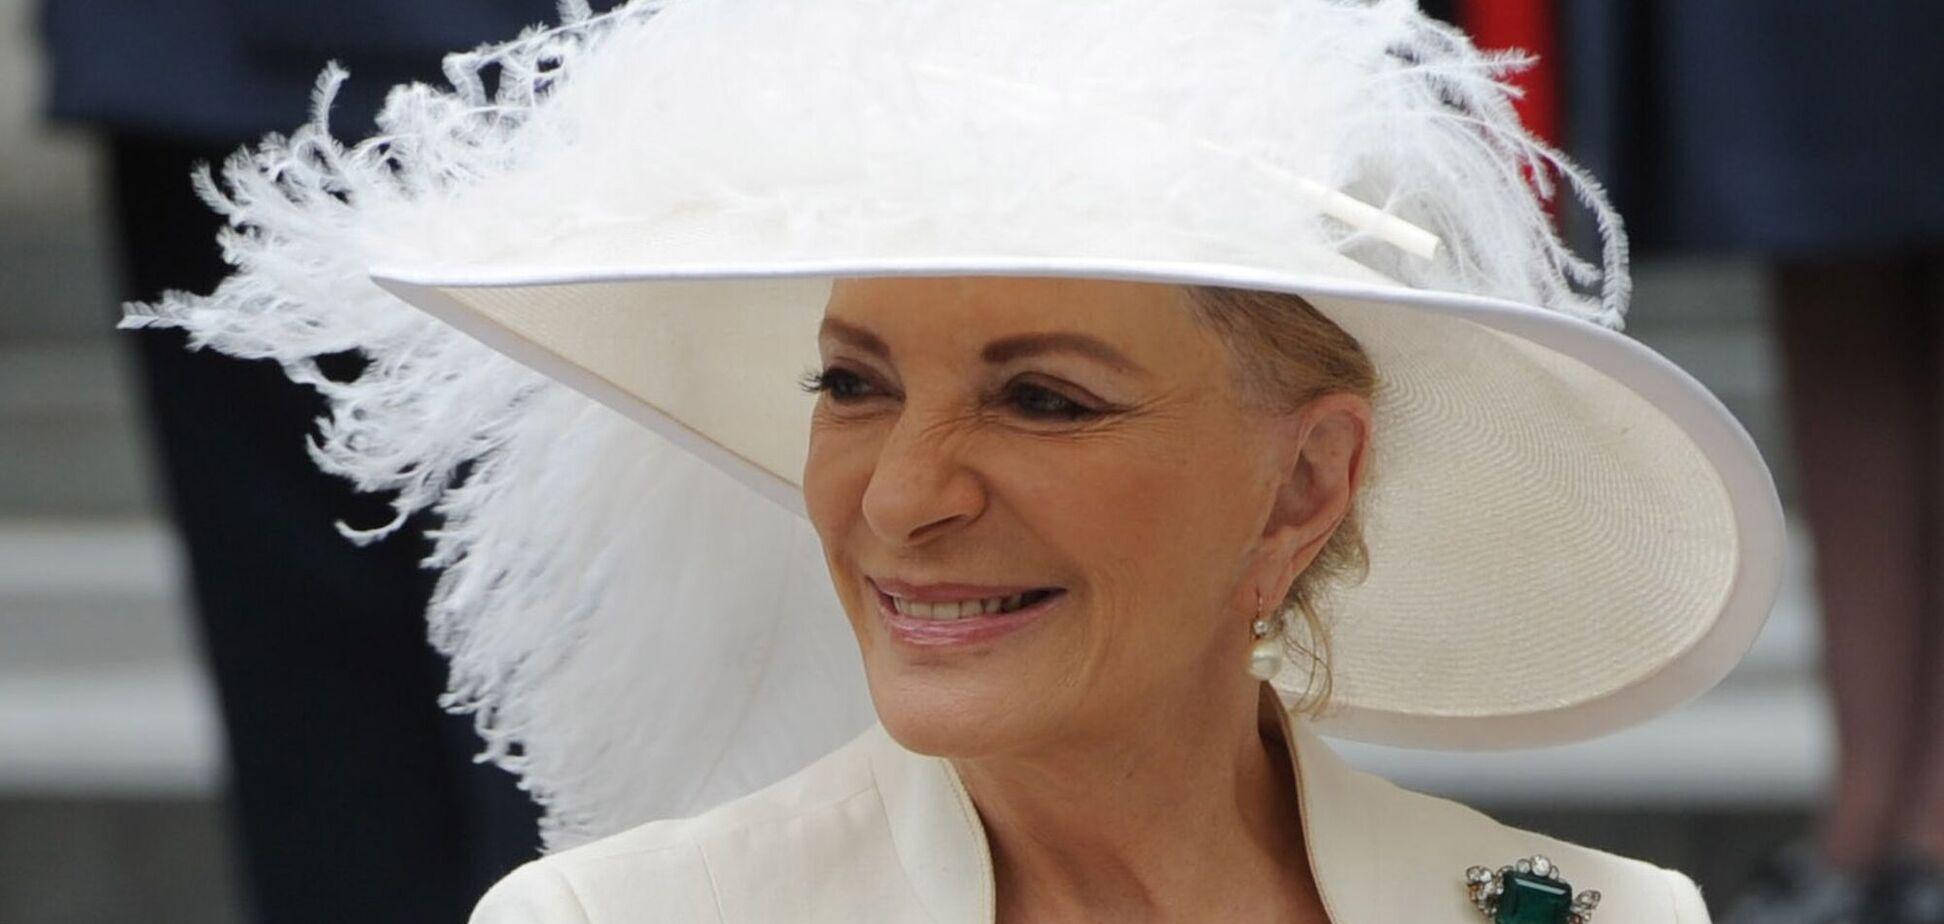 У принцессы Кентской Марии Кристины фон Рейбниц обнаружили тромбоз